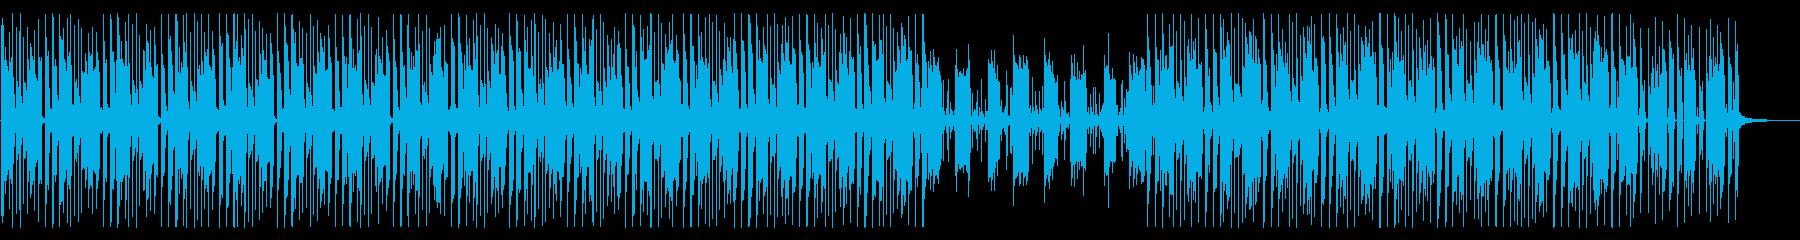 【ミニマル】ニュース・報道・ループの再生済みの波形